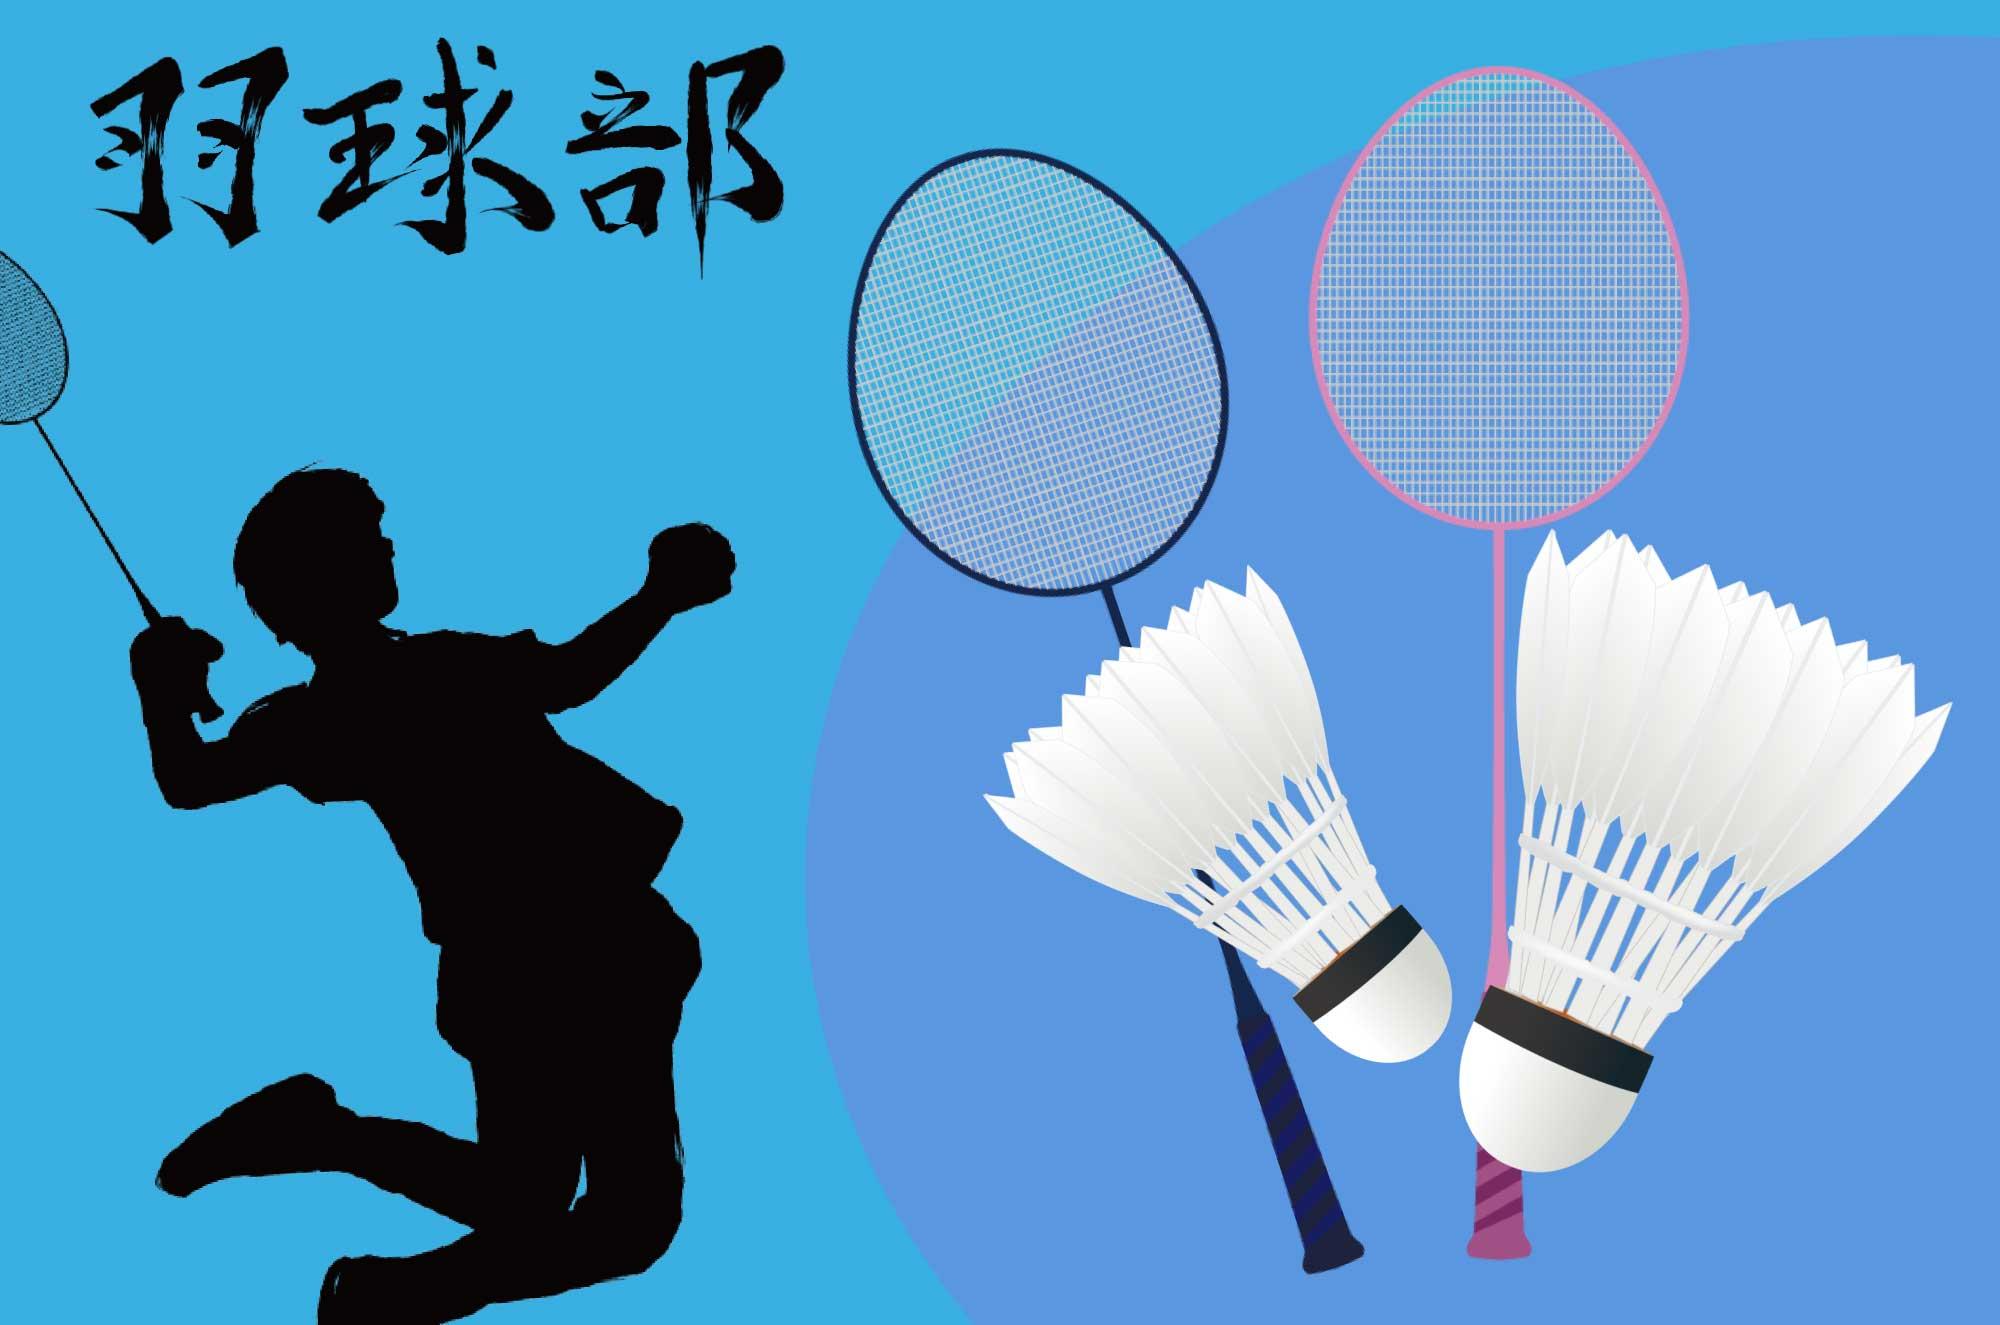 バドミントン(羽球)イラスト - スポーツの無料素材